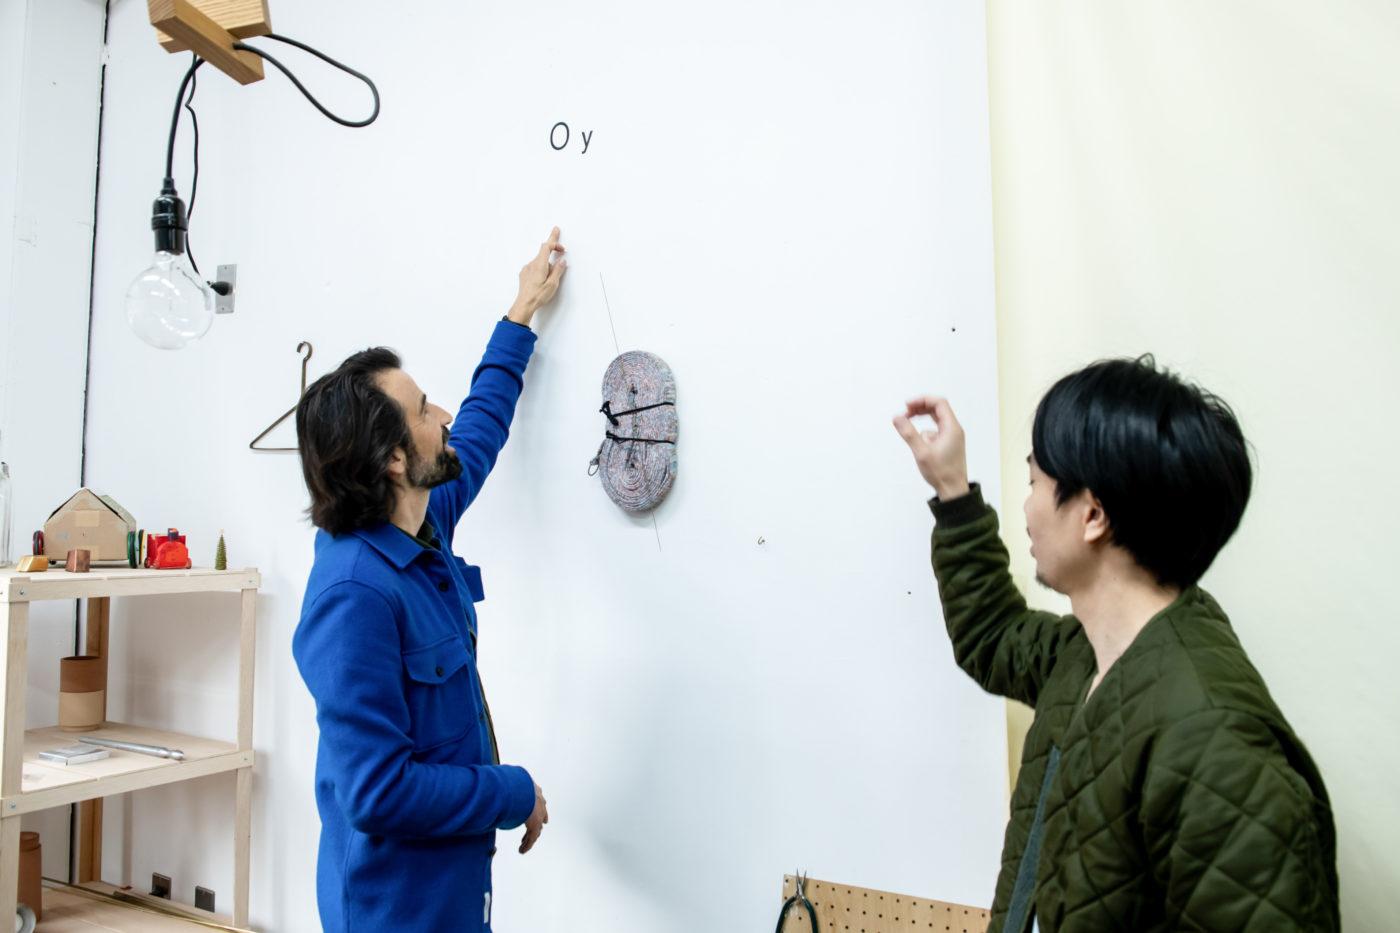 STUDIO VISIT|FREITAG創設者マーカス・フライターグさんと行く、吉行良平さんの仕事の現場 1/3